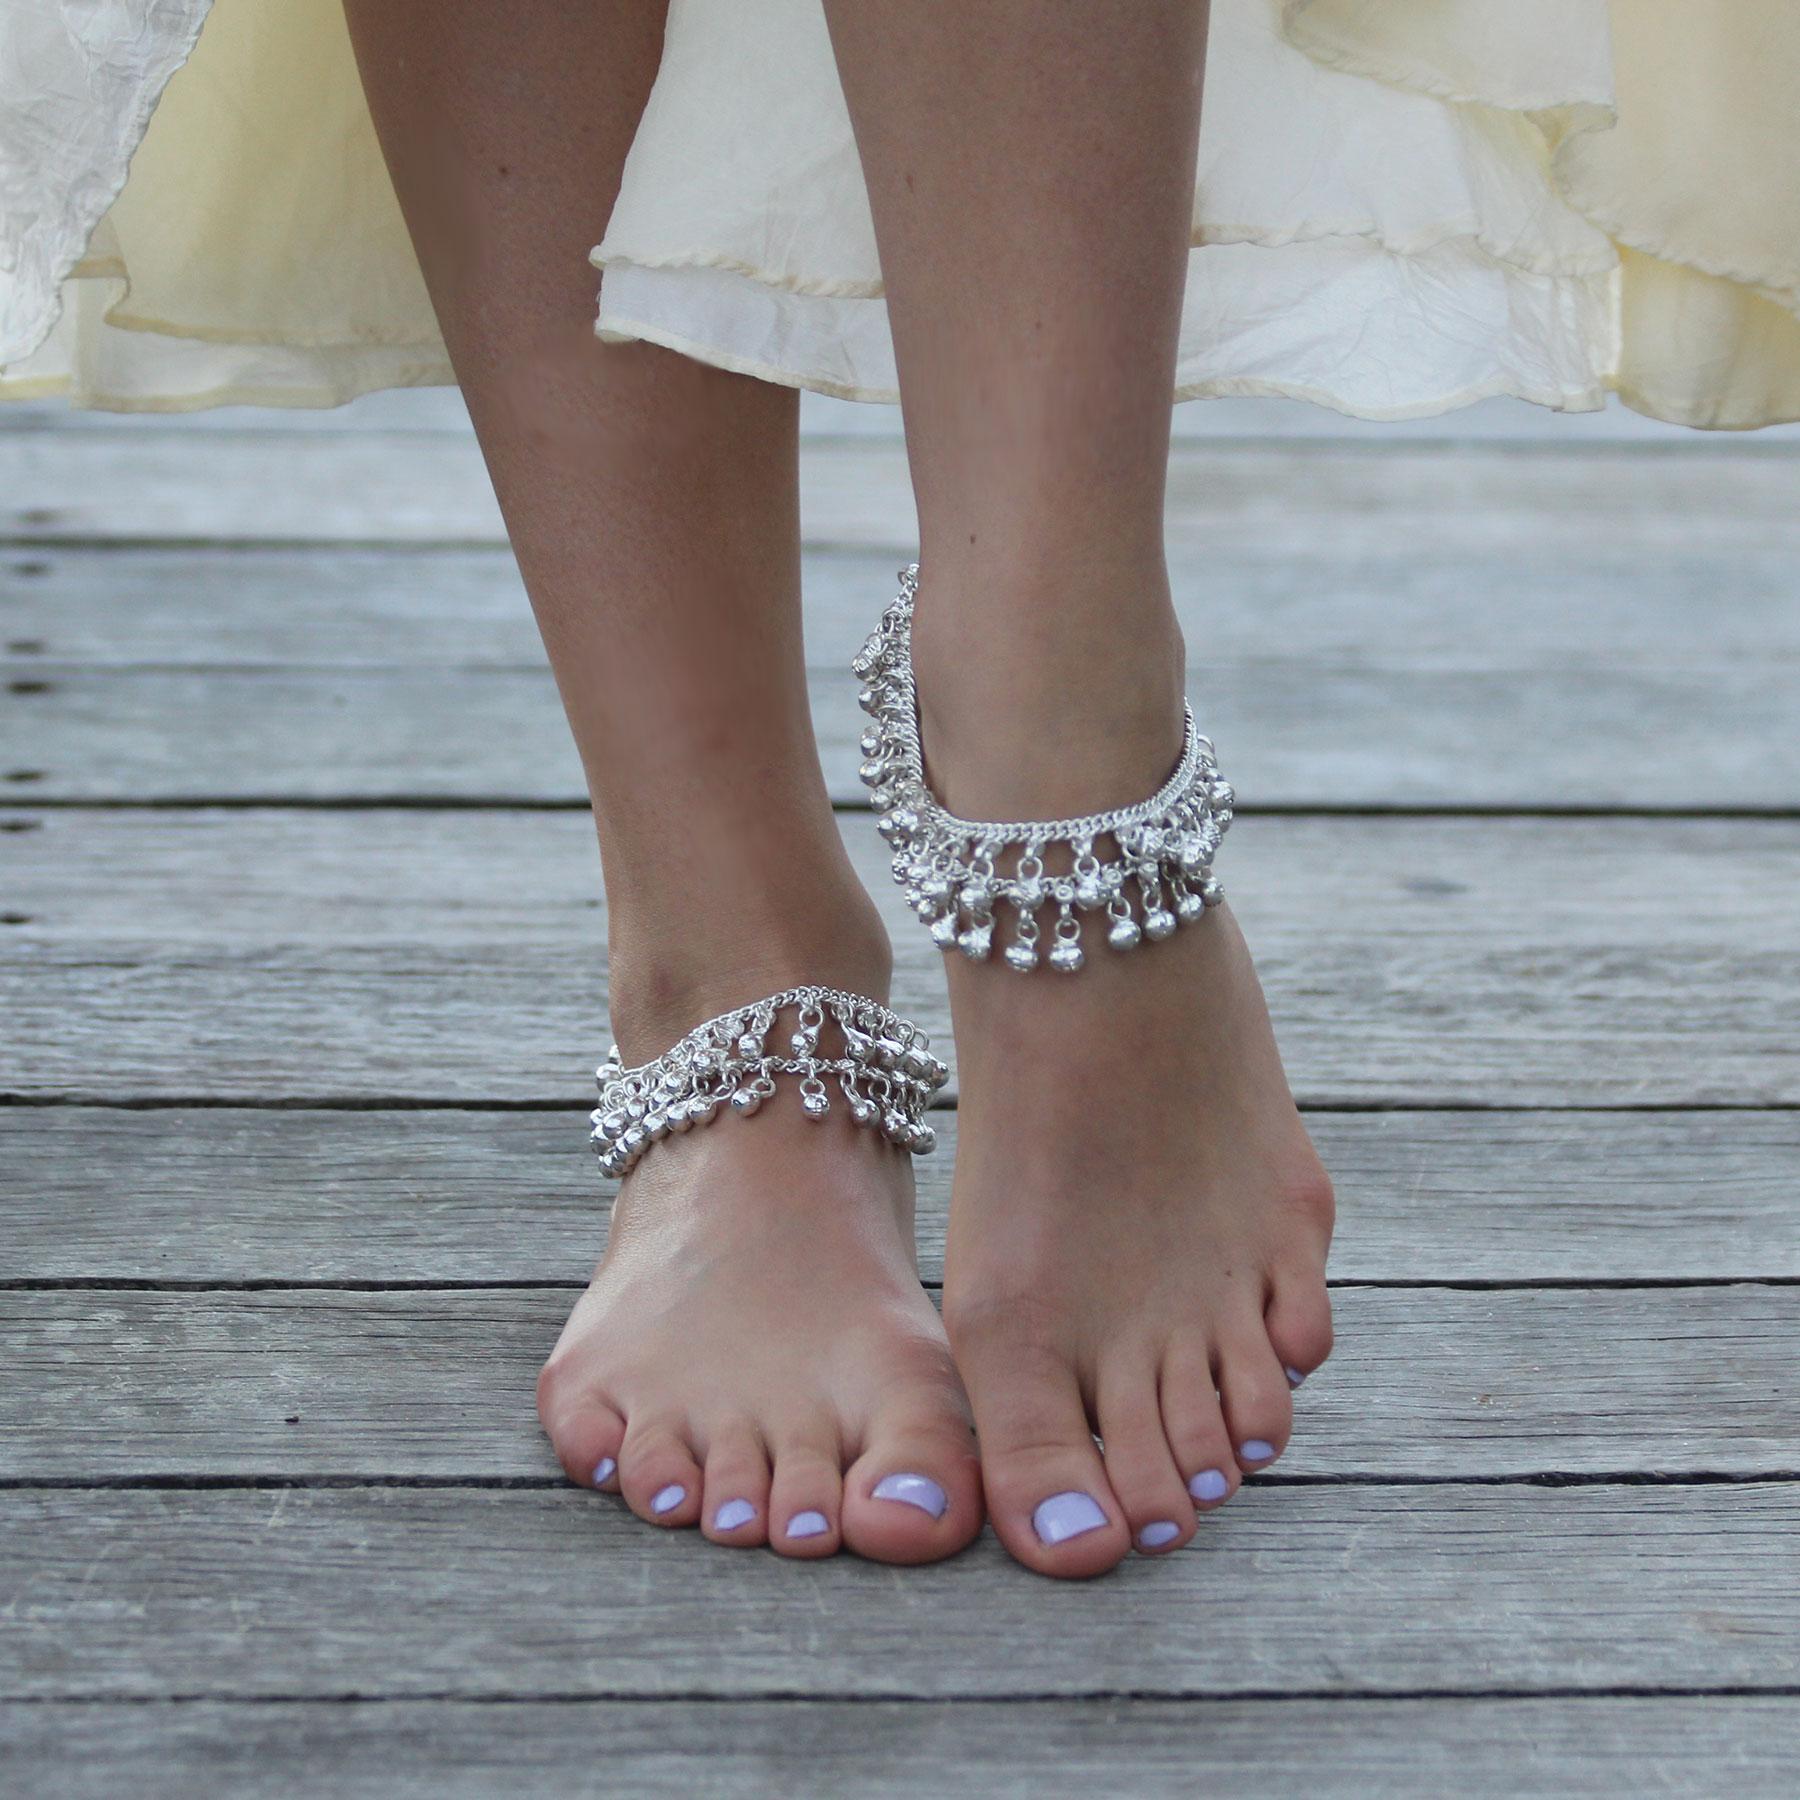 Для тех, кто обычно, носит обувь с закрытым носом, также найдутся модели браслетов и барефутов для н